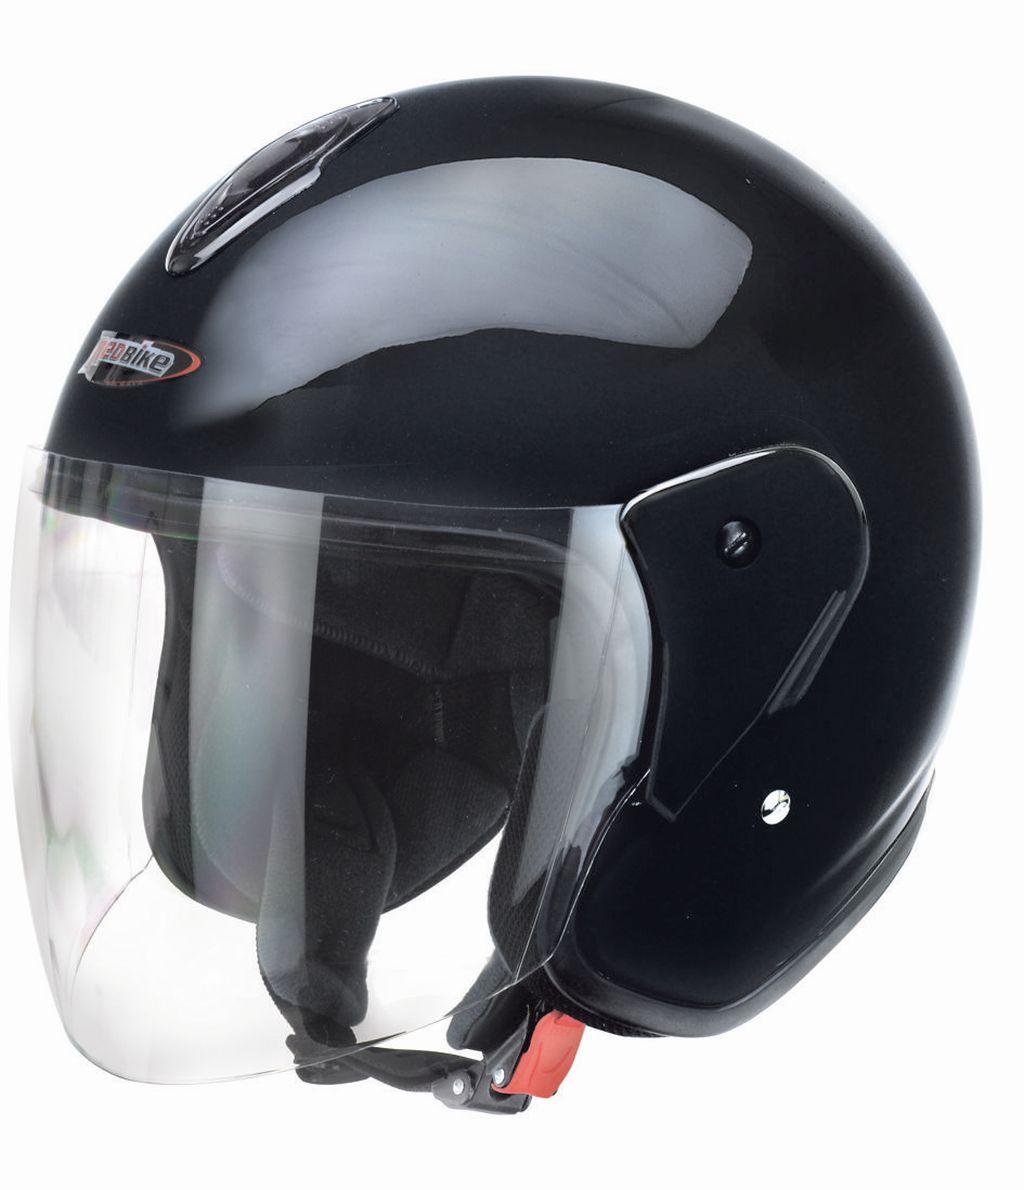 Redbike Motorrad Jet Helm schwarz mit kratzfestem Visier RB 915 XS - XXL